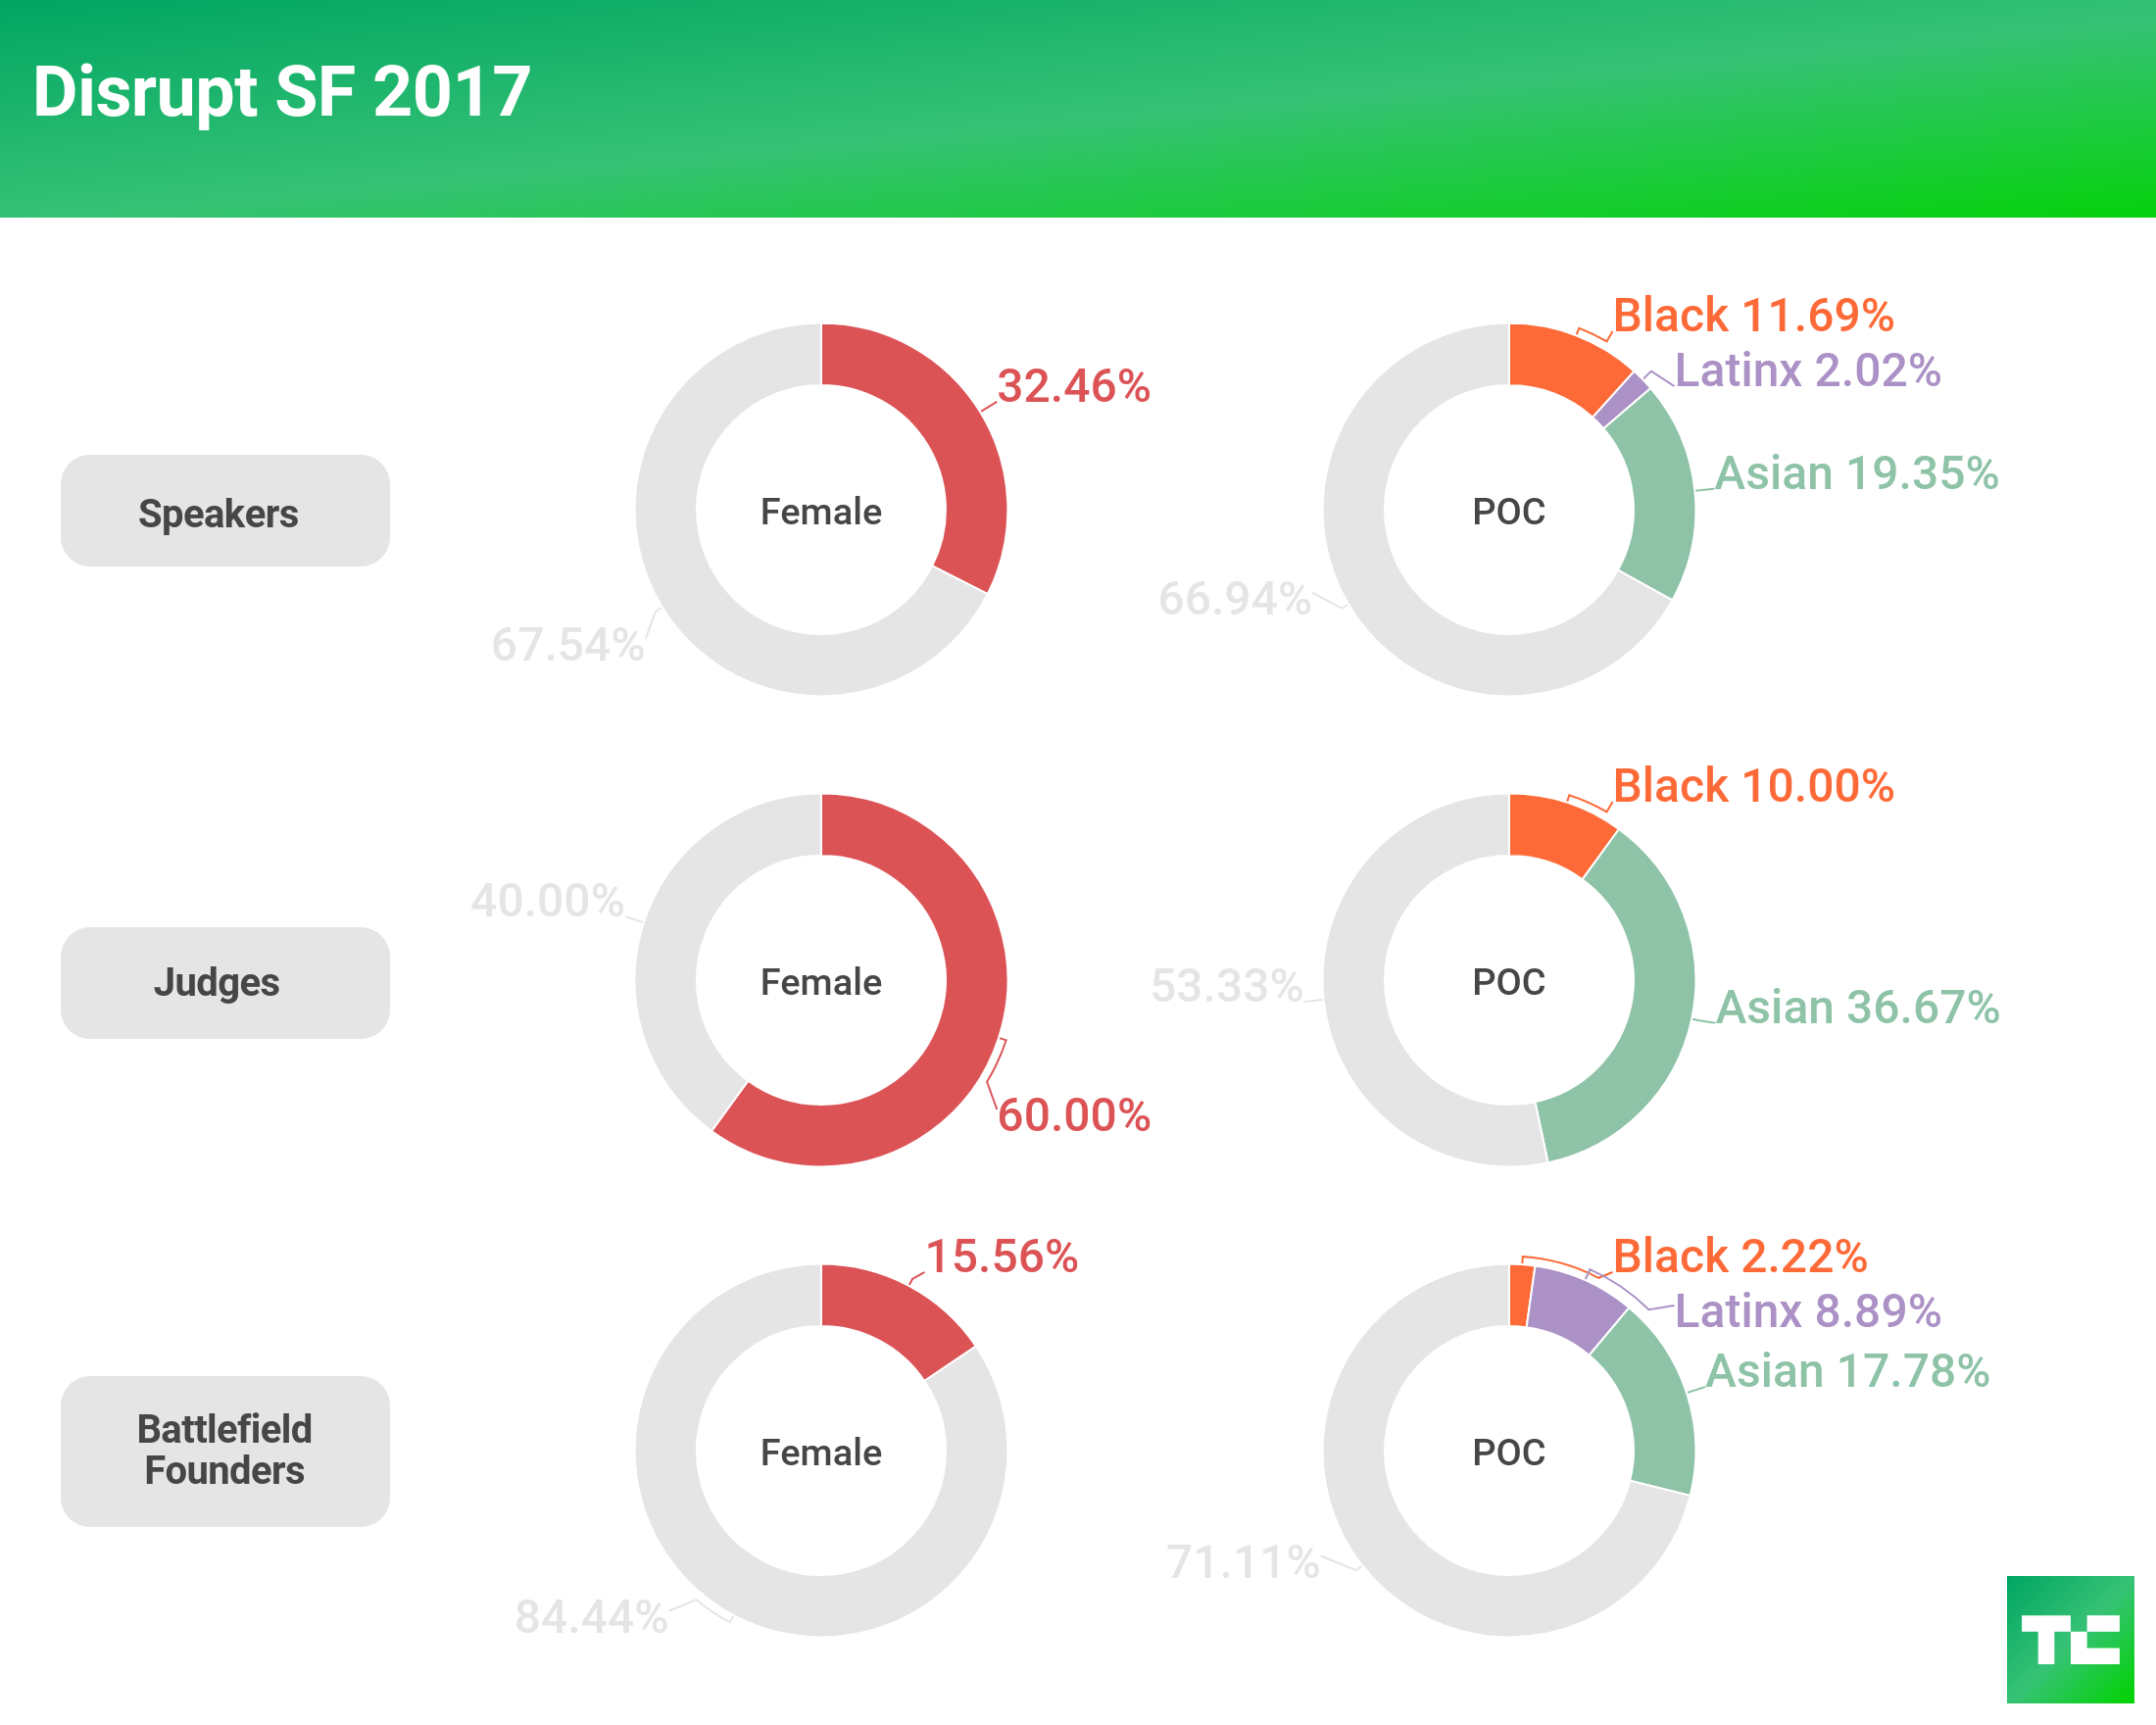 tc diversity 2018 disrupt sf 2017